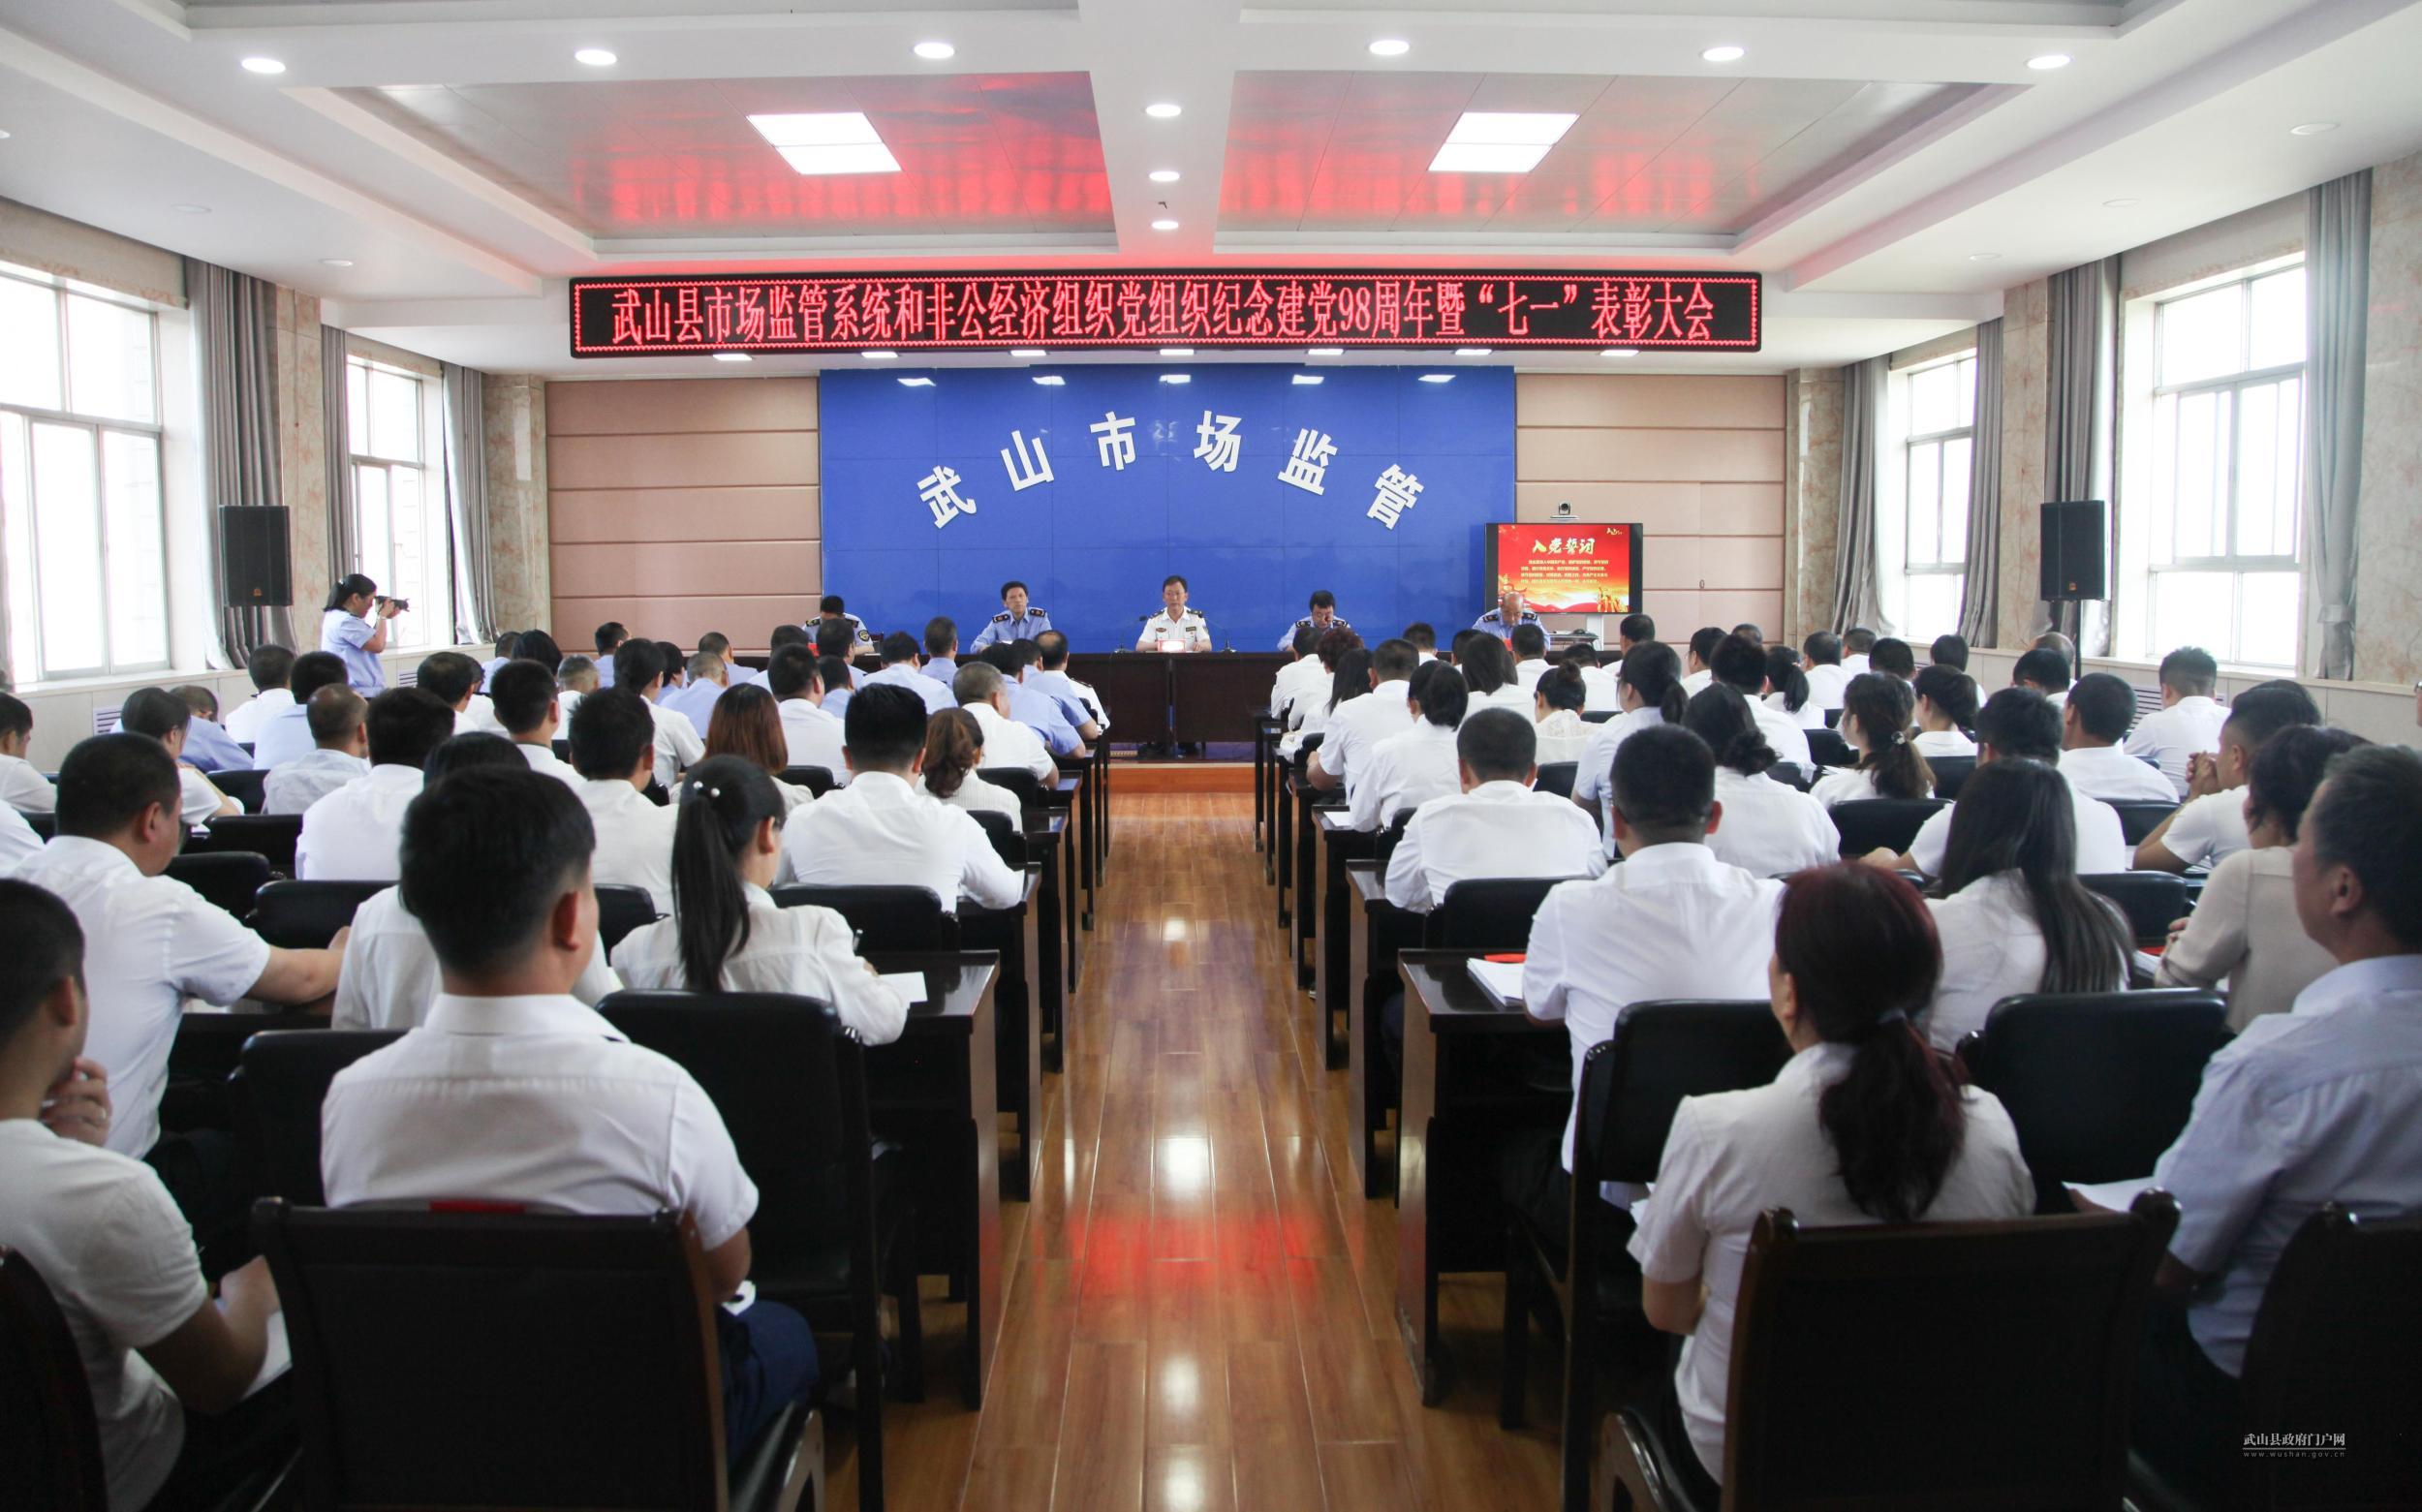 武山县市场监管系统和非公经济组织党组织开展6项活动纪念建党98周年